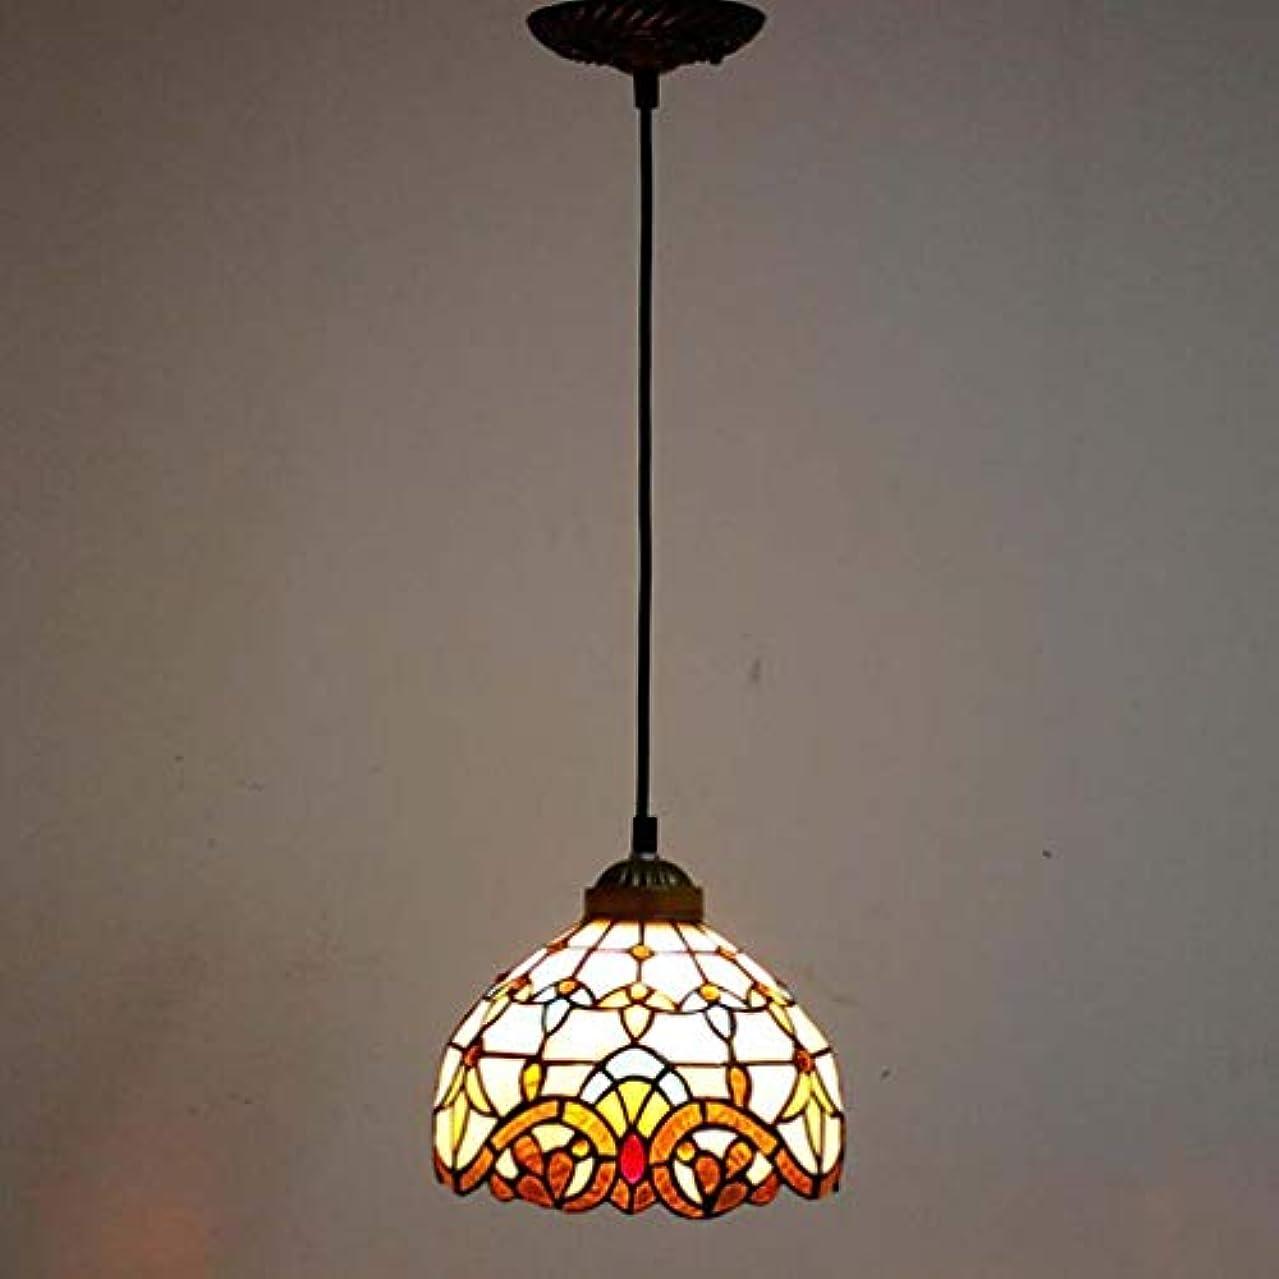 放射する電子レンジルーフティファニースタイル1ライトミニペンダント照明、ヴィンテージシーリングライト吊り下げランプステンドグラスシェード(5.5